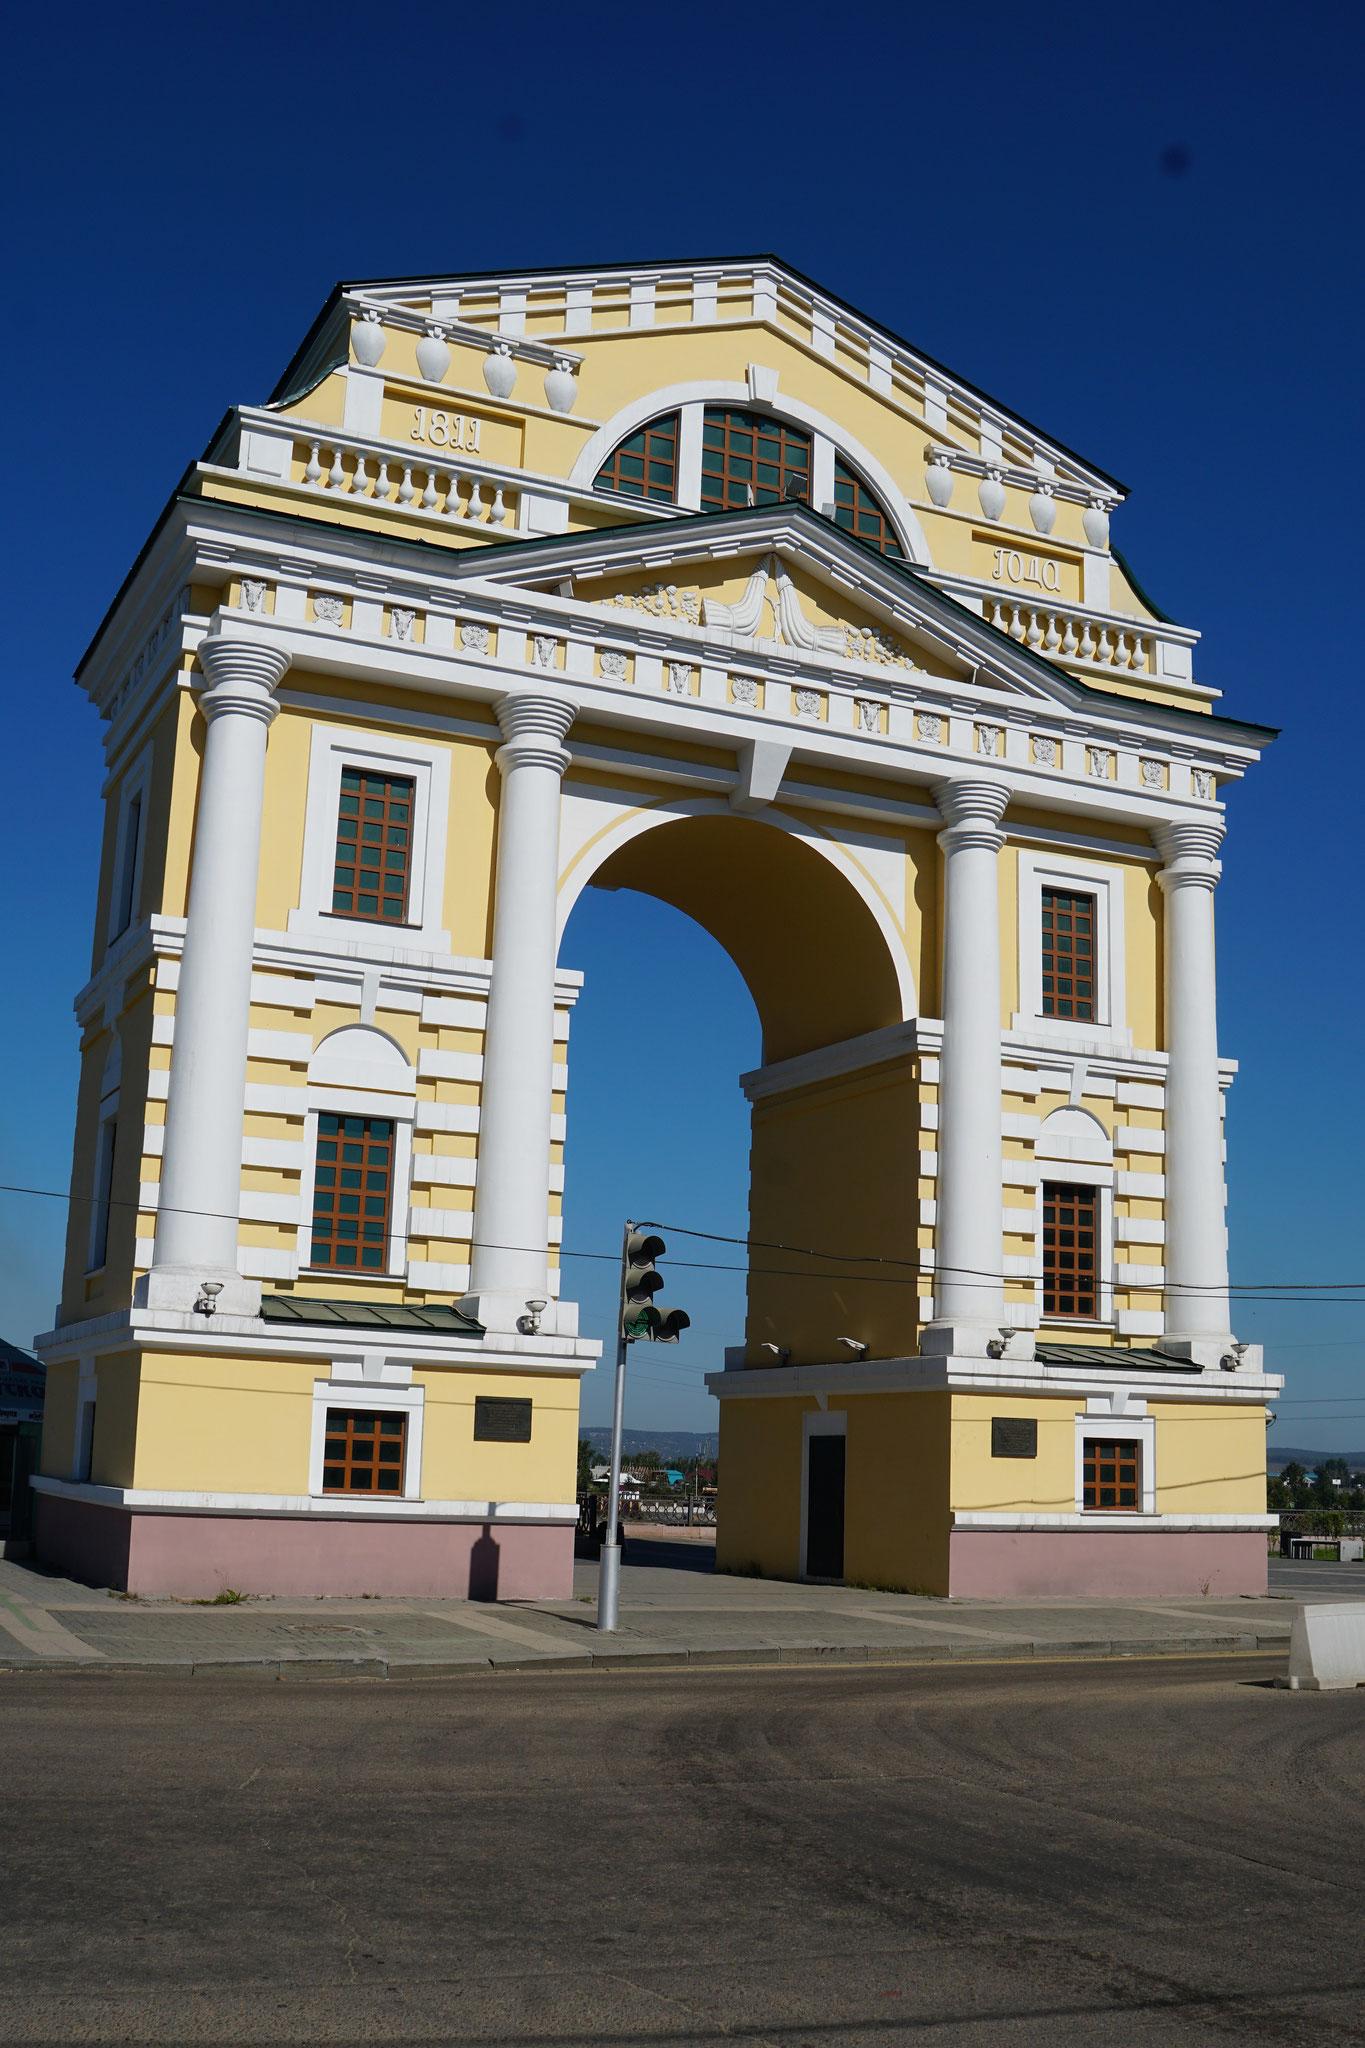 Triumphal Arch in Irkutsk